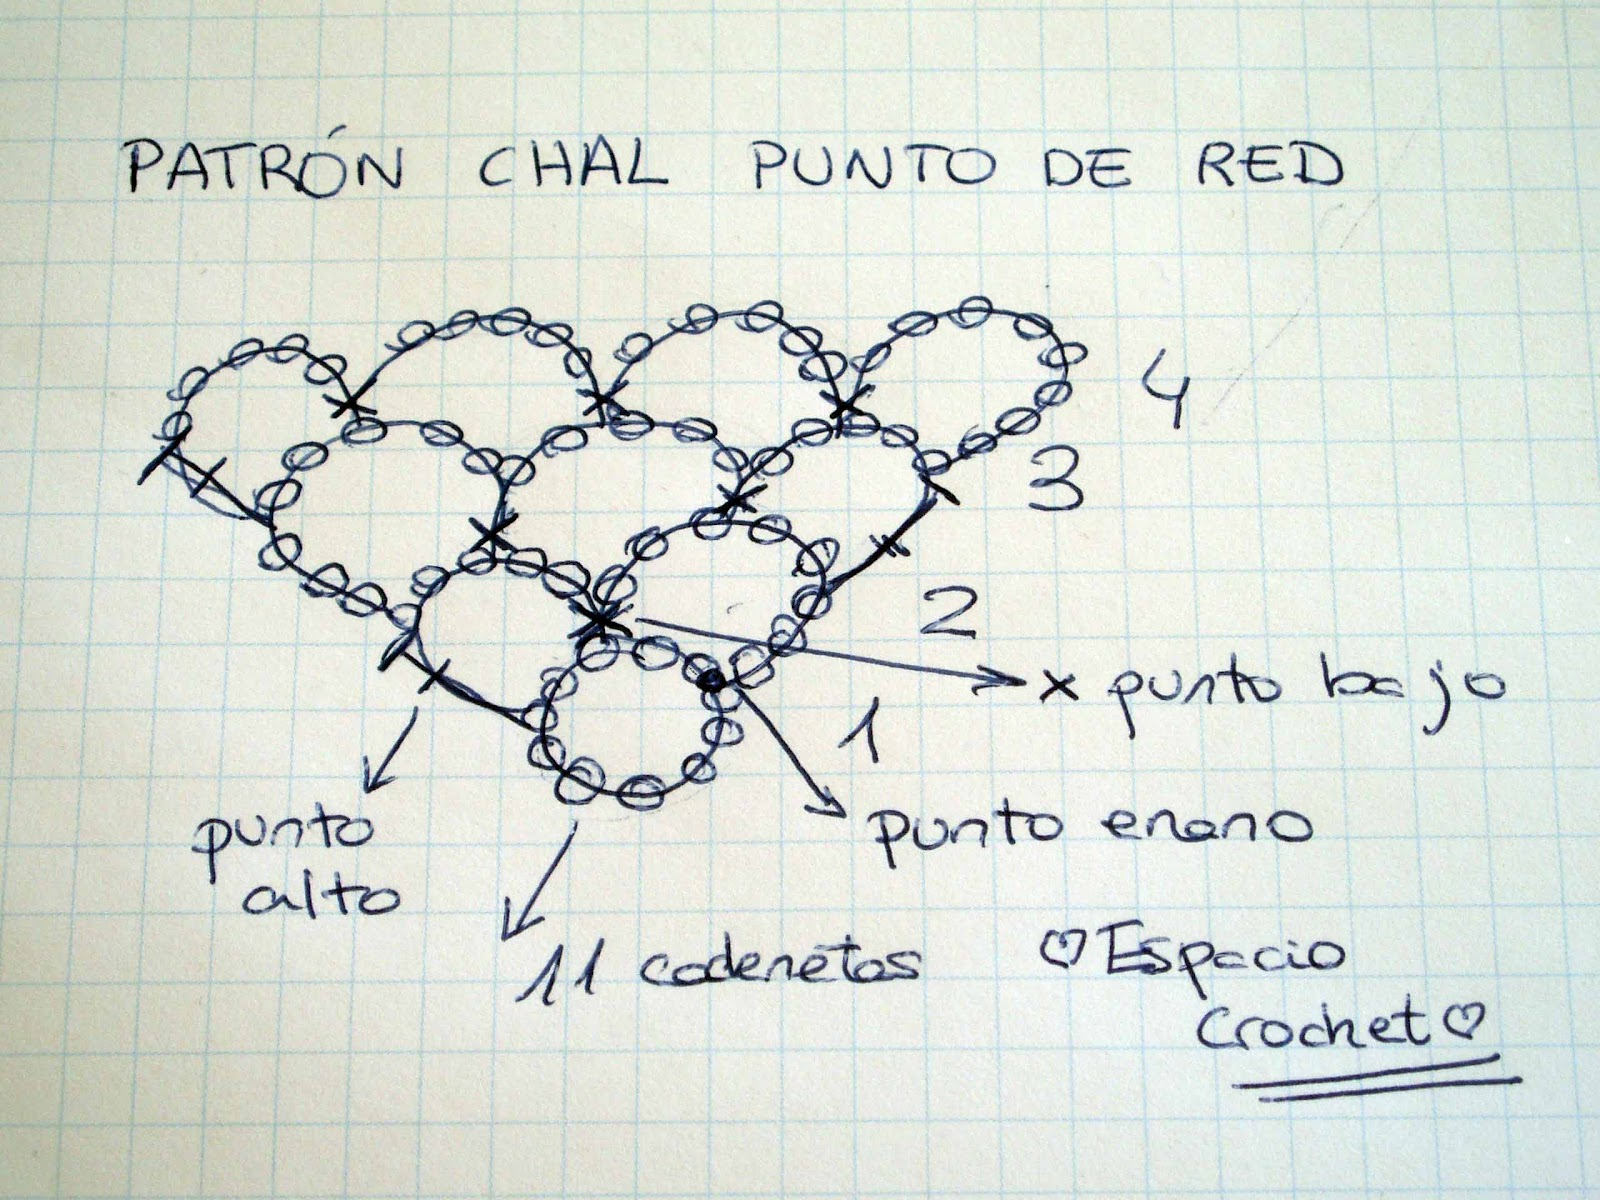 Chal punto de red | Espacio Crochet